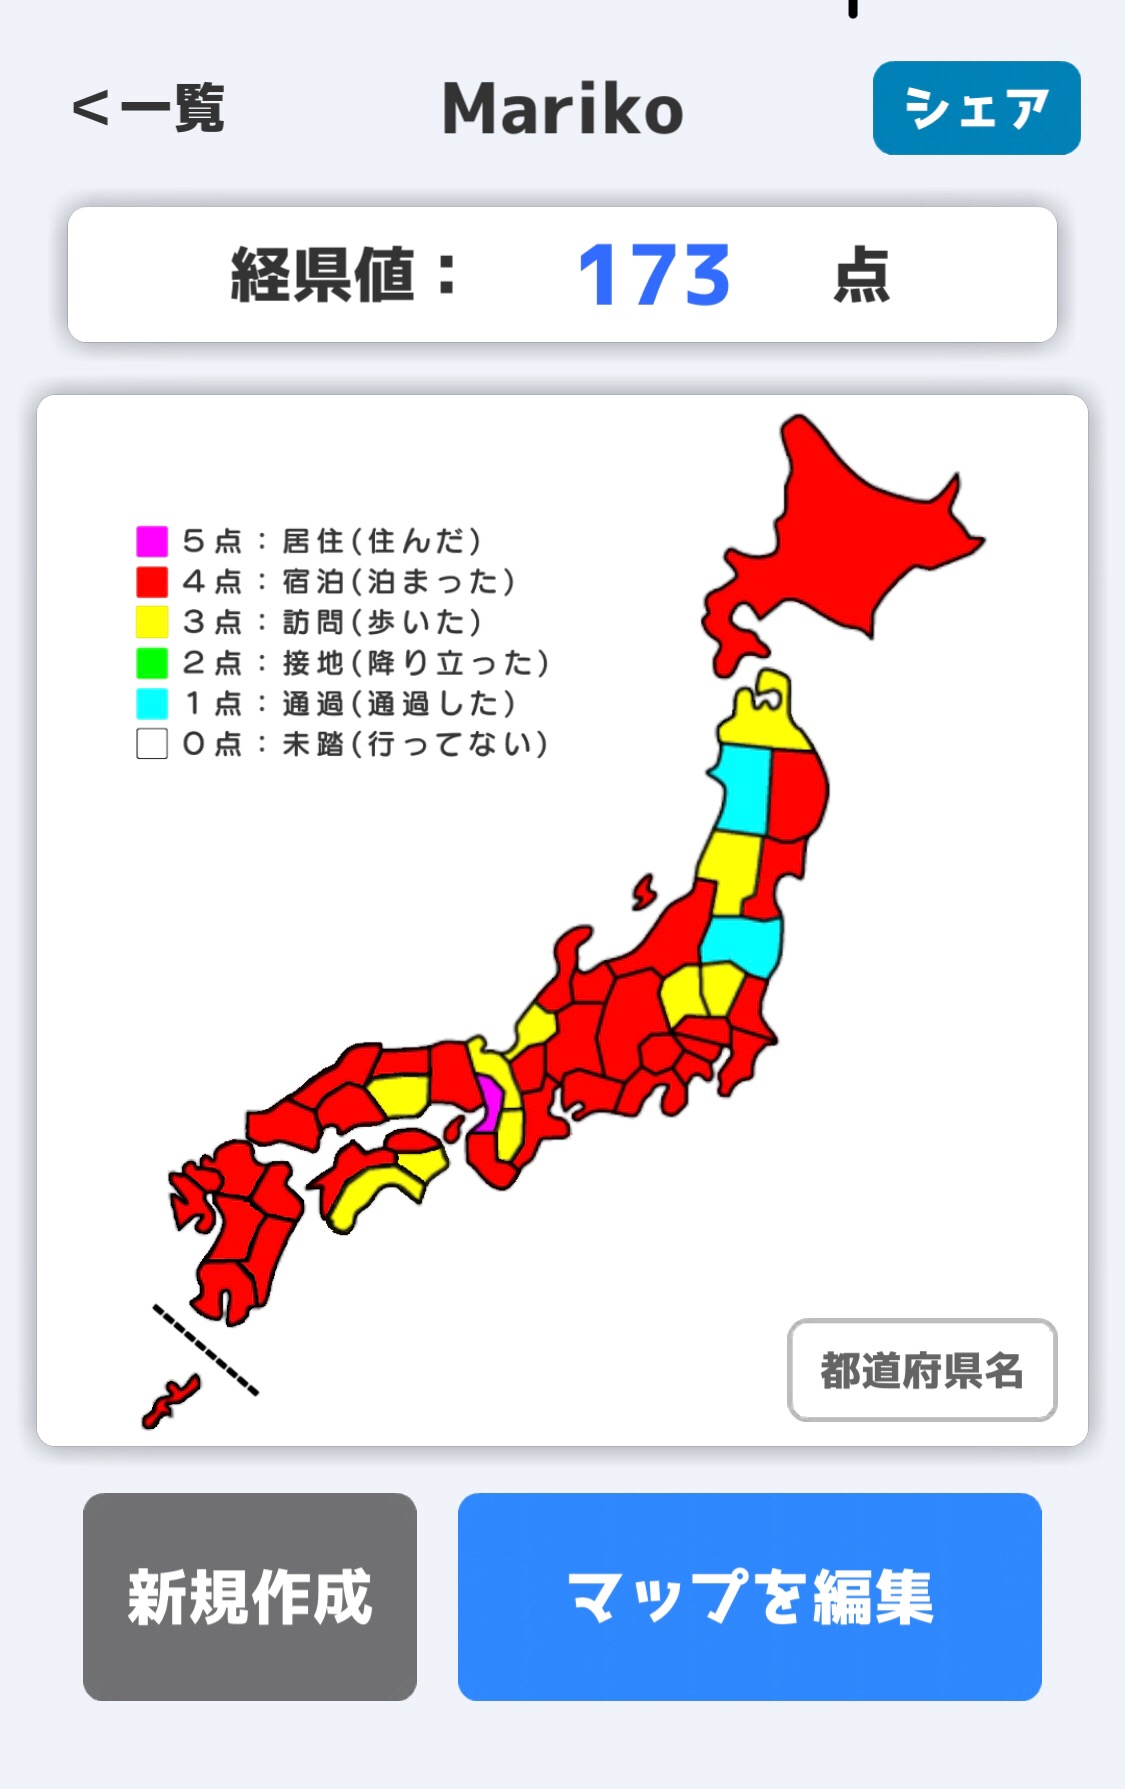 次の旅行先が楽しみになる'経県値'アプリで自分の行ったことある都道府県を記録する!